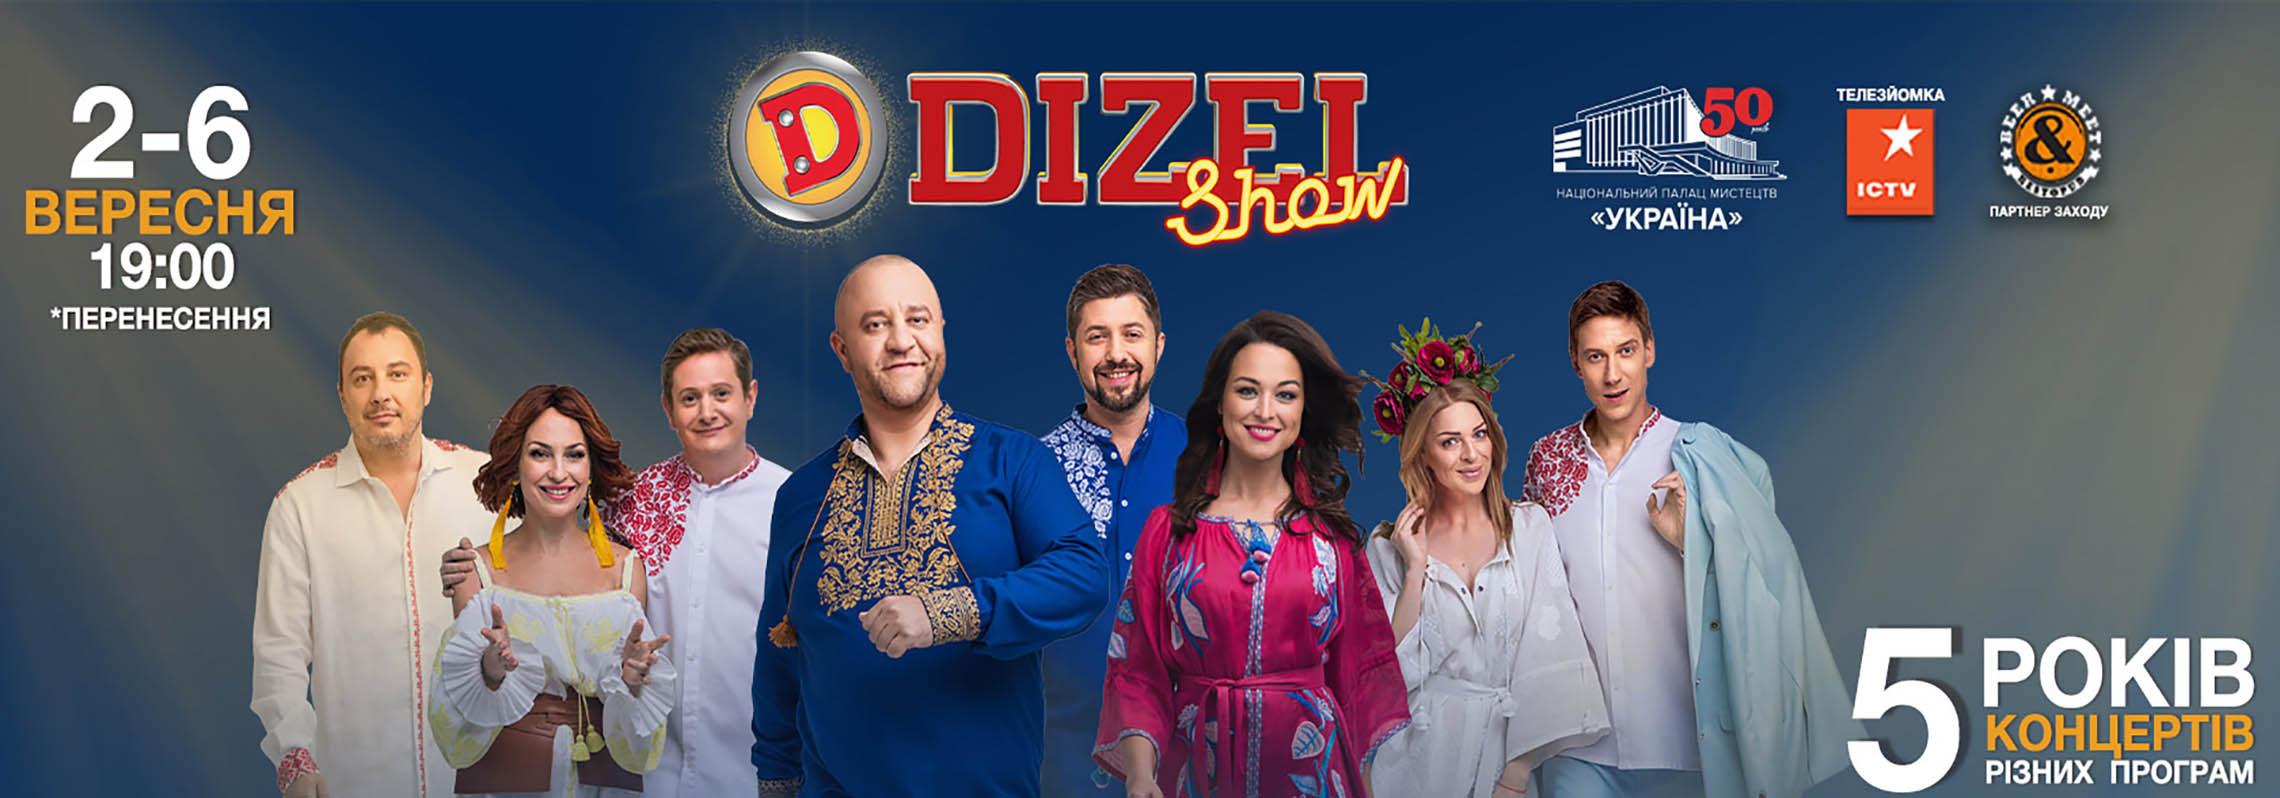 Dizel Show / Дизель Шоу - всі виступи